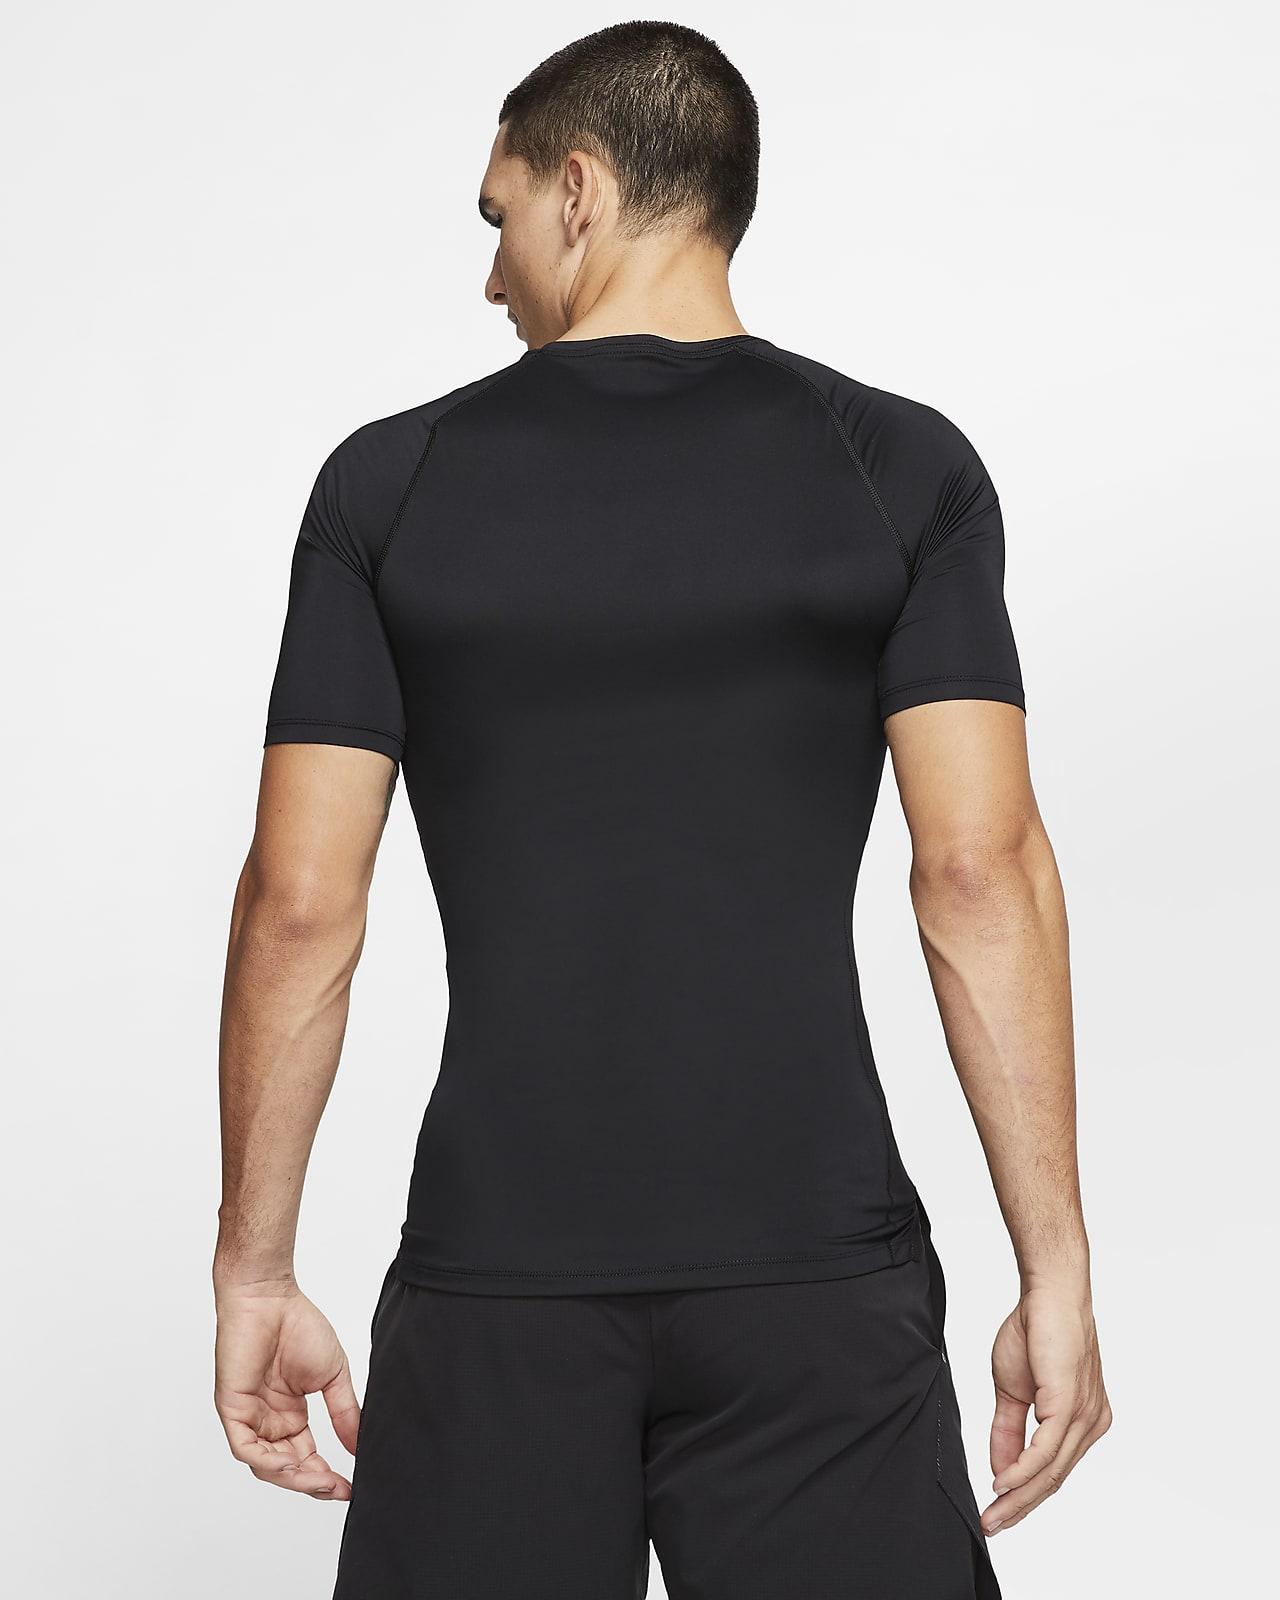 Kortärmad tröja med tajt passform Nike Pro för män